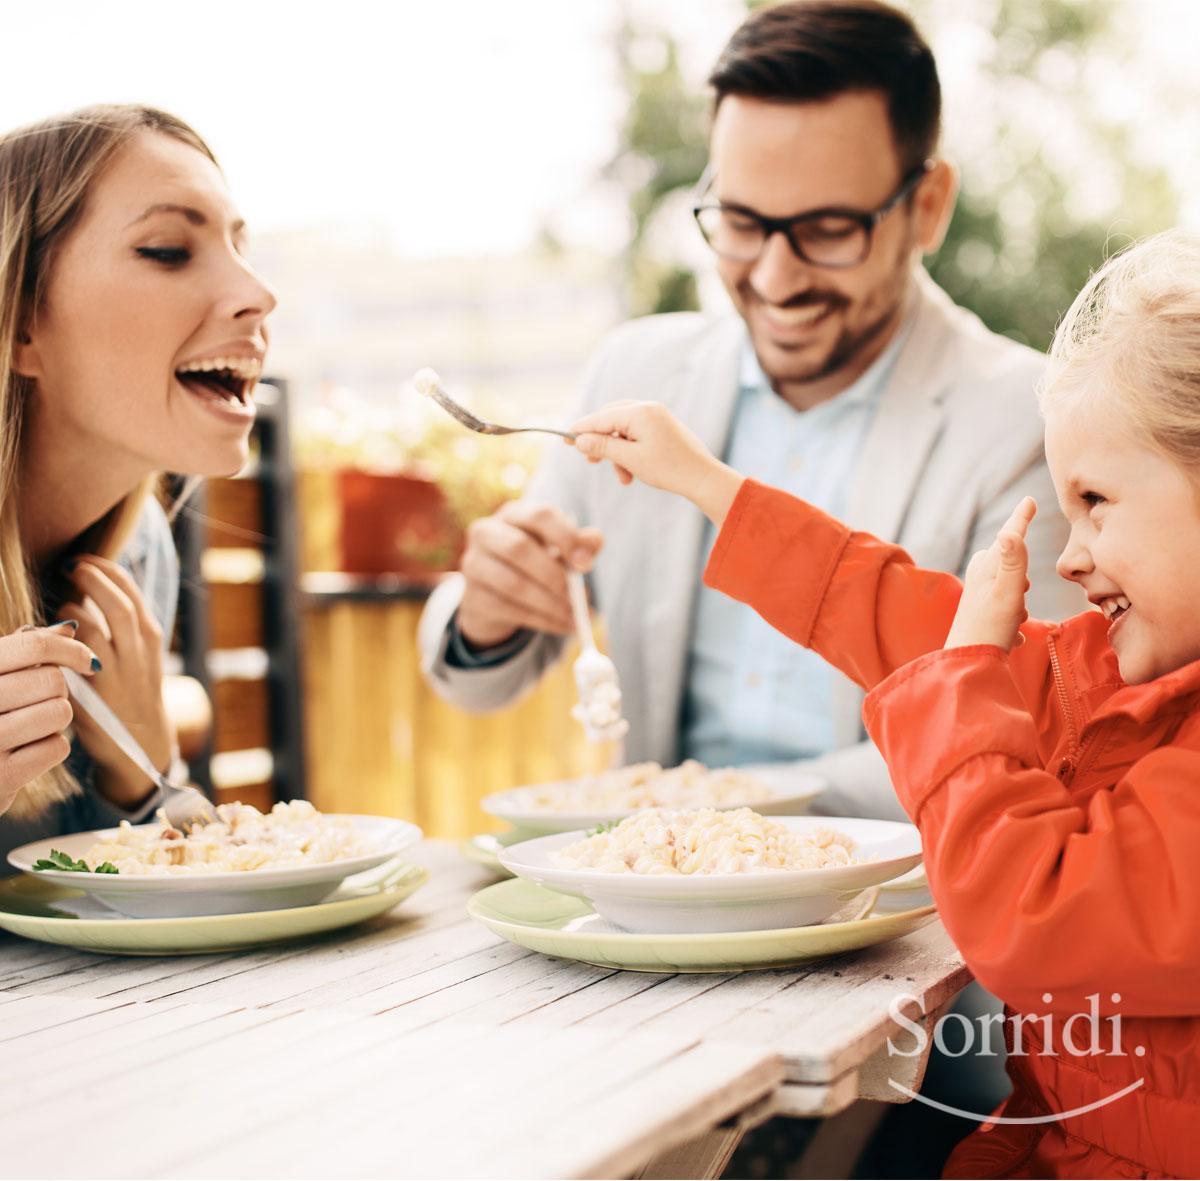 Sorridi-ch-magazine-masticazione-e-salute-masticare-bene